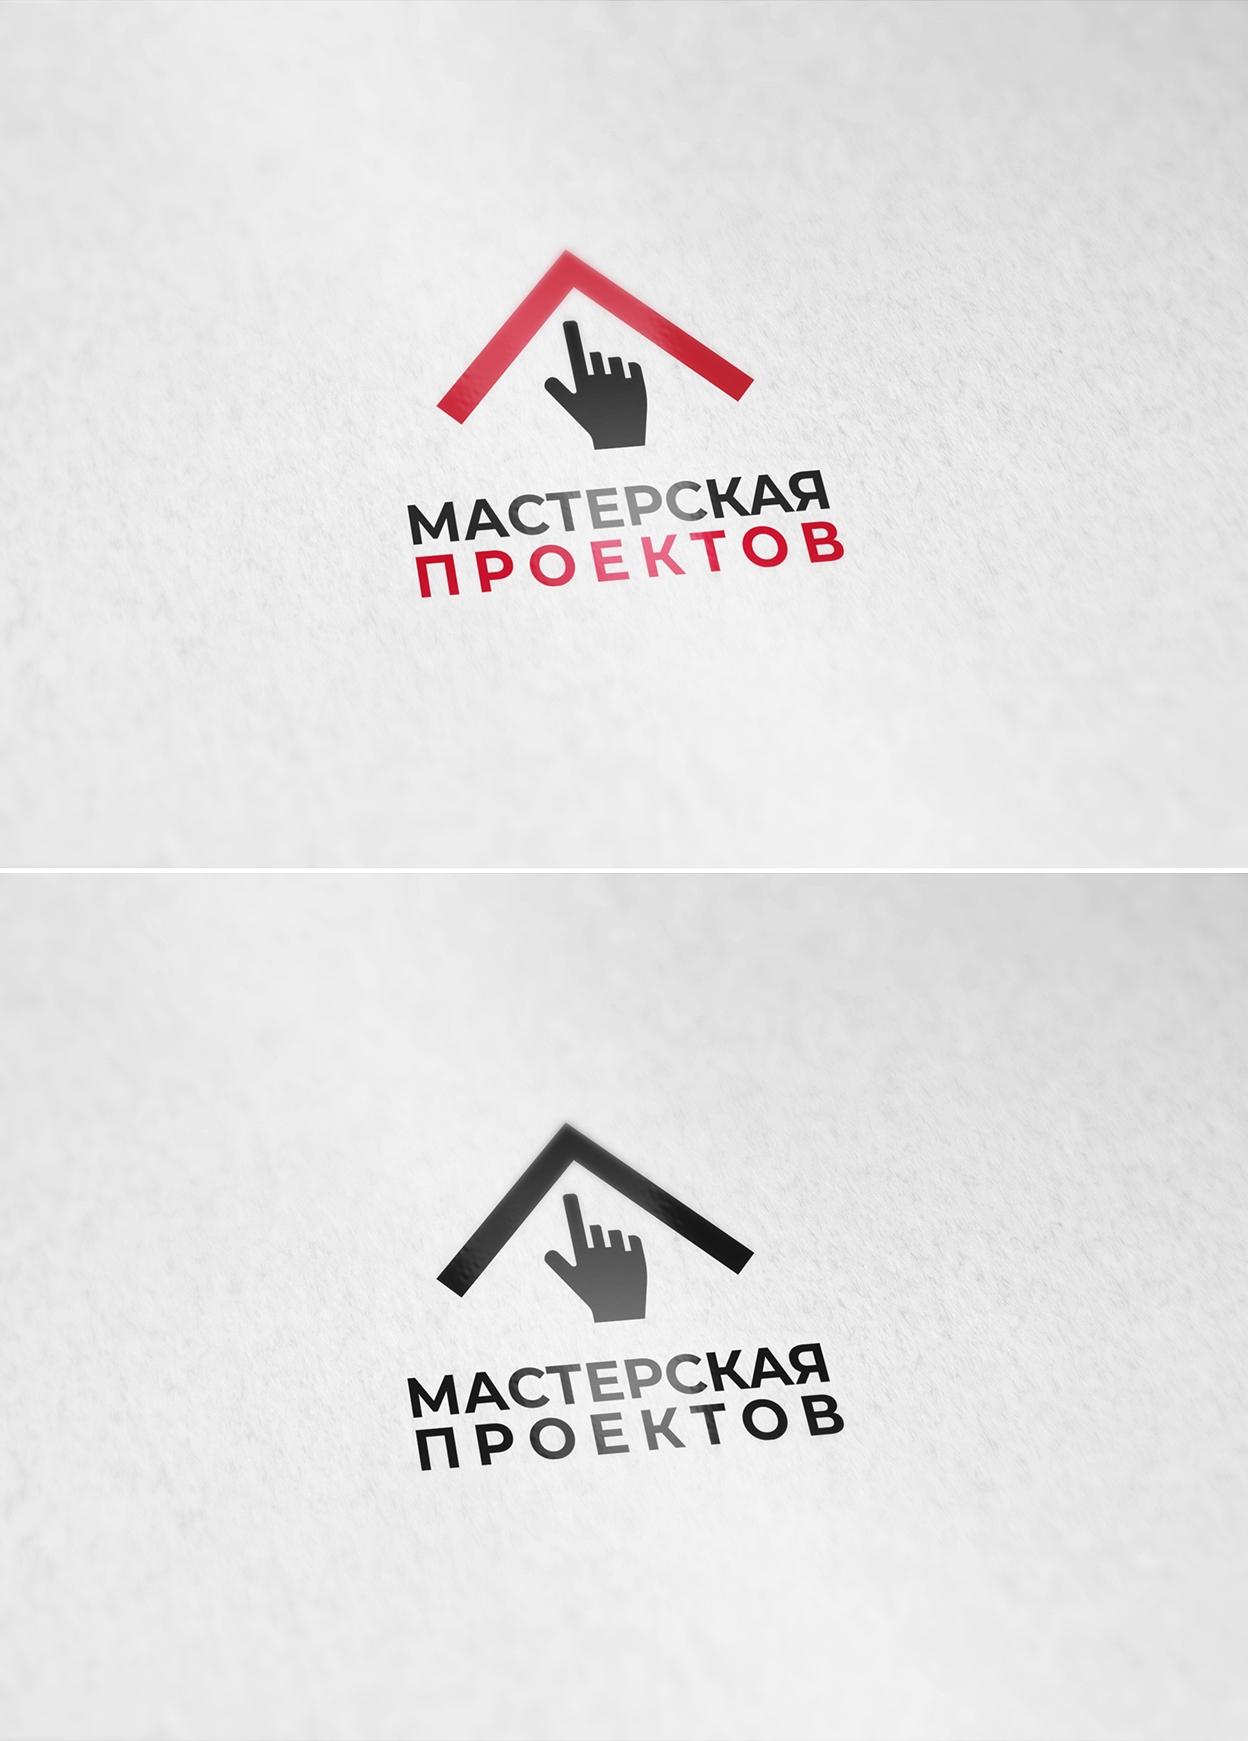 Разработка логотипа строительно-мебельного проекта (см. опис фото f_838606d8c7748b3f.jpg